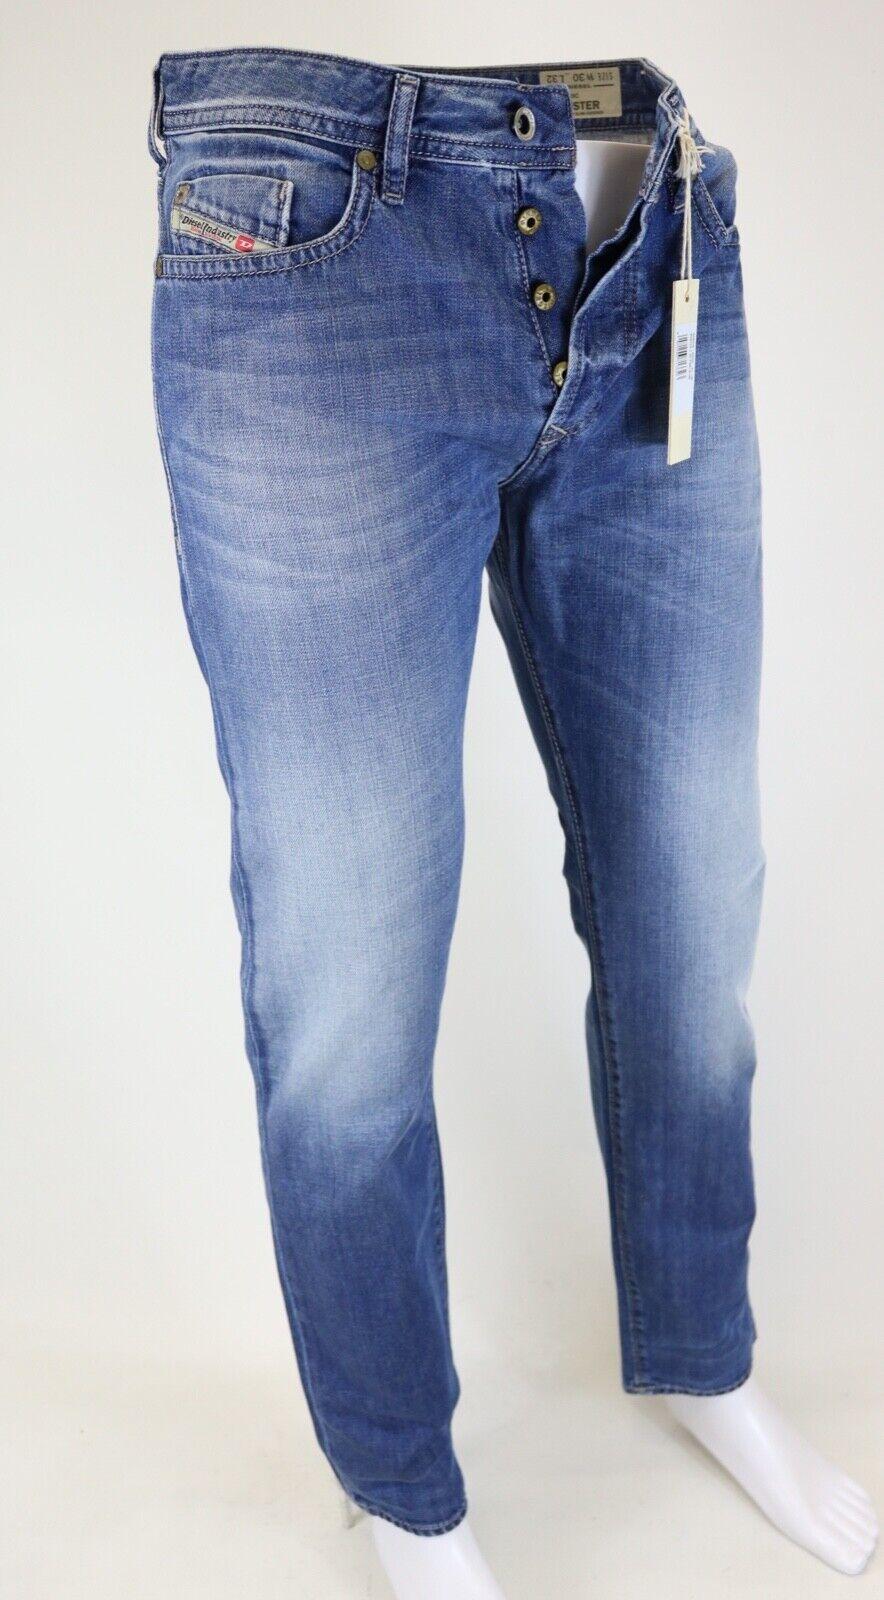 Diesel Buster Wash 0839c caballeros  Jeans Hose Pants regular slim taperojo elegibles  100% garantía genuina de contador